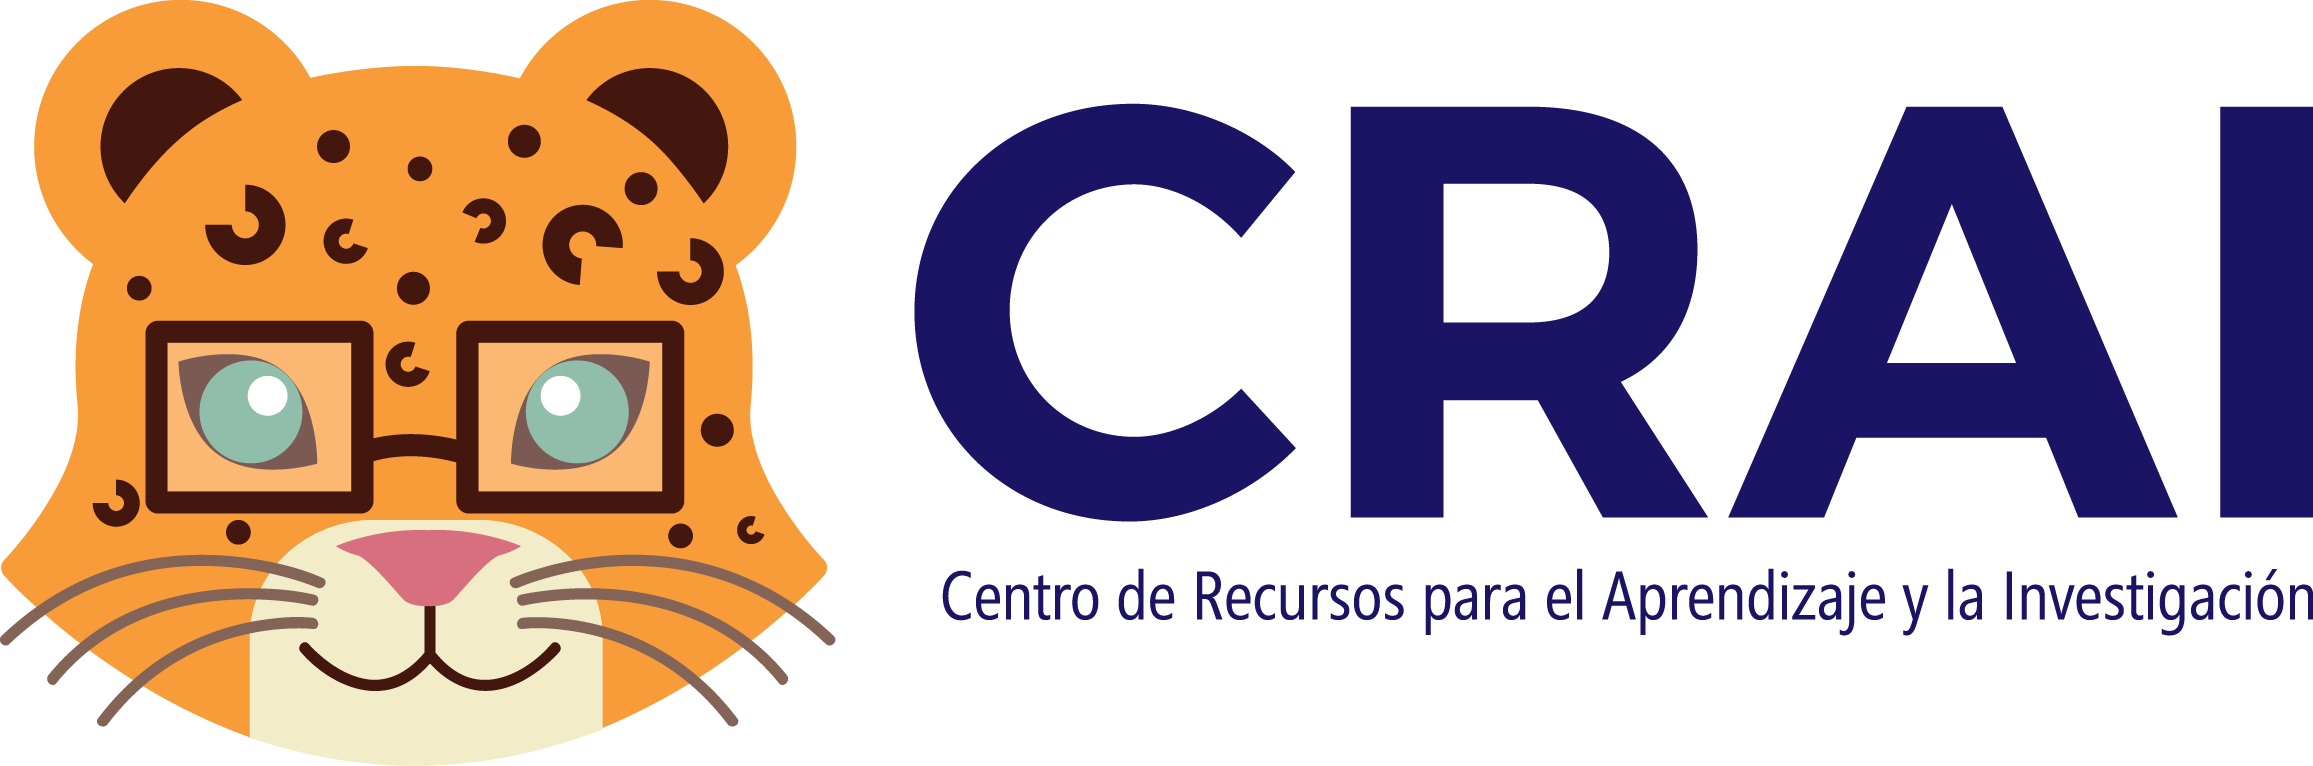 Centro de Recursos para el Aprendizaje y la Investigación